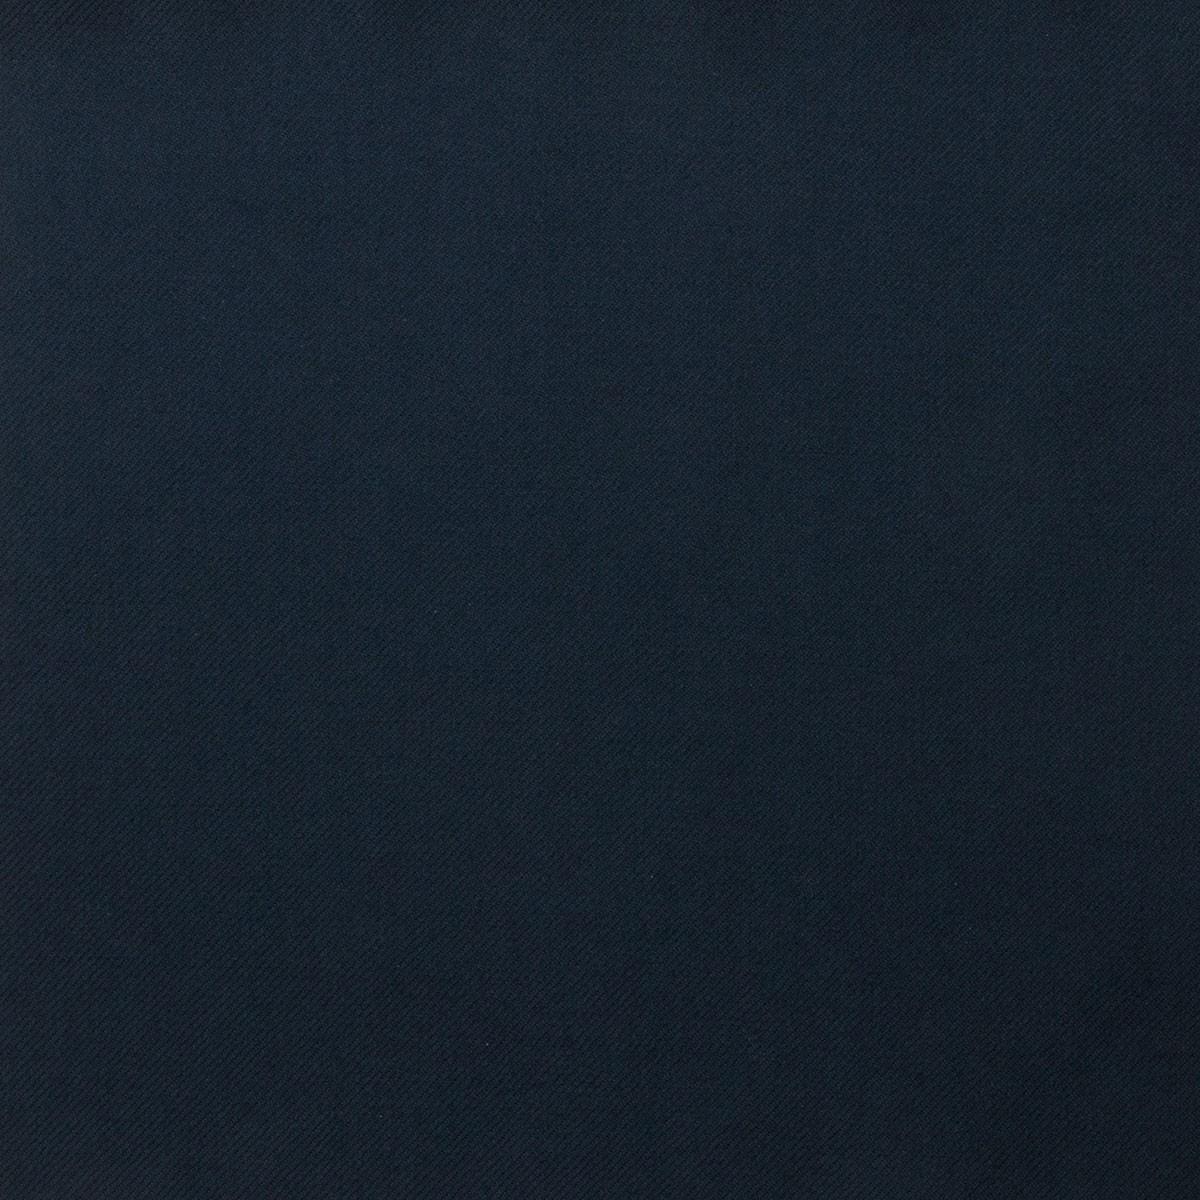 Blue Modern Plain Coloured Light Weight Fabric-Front